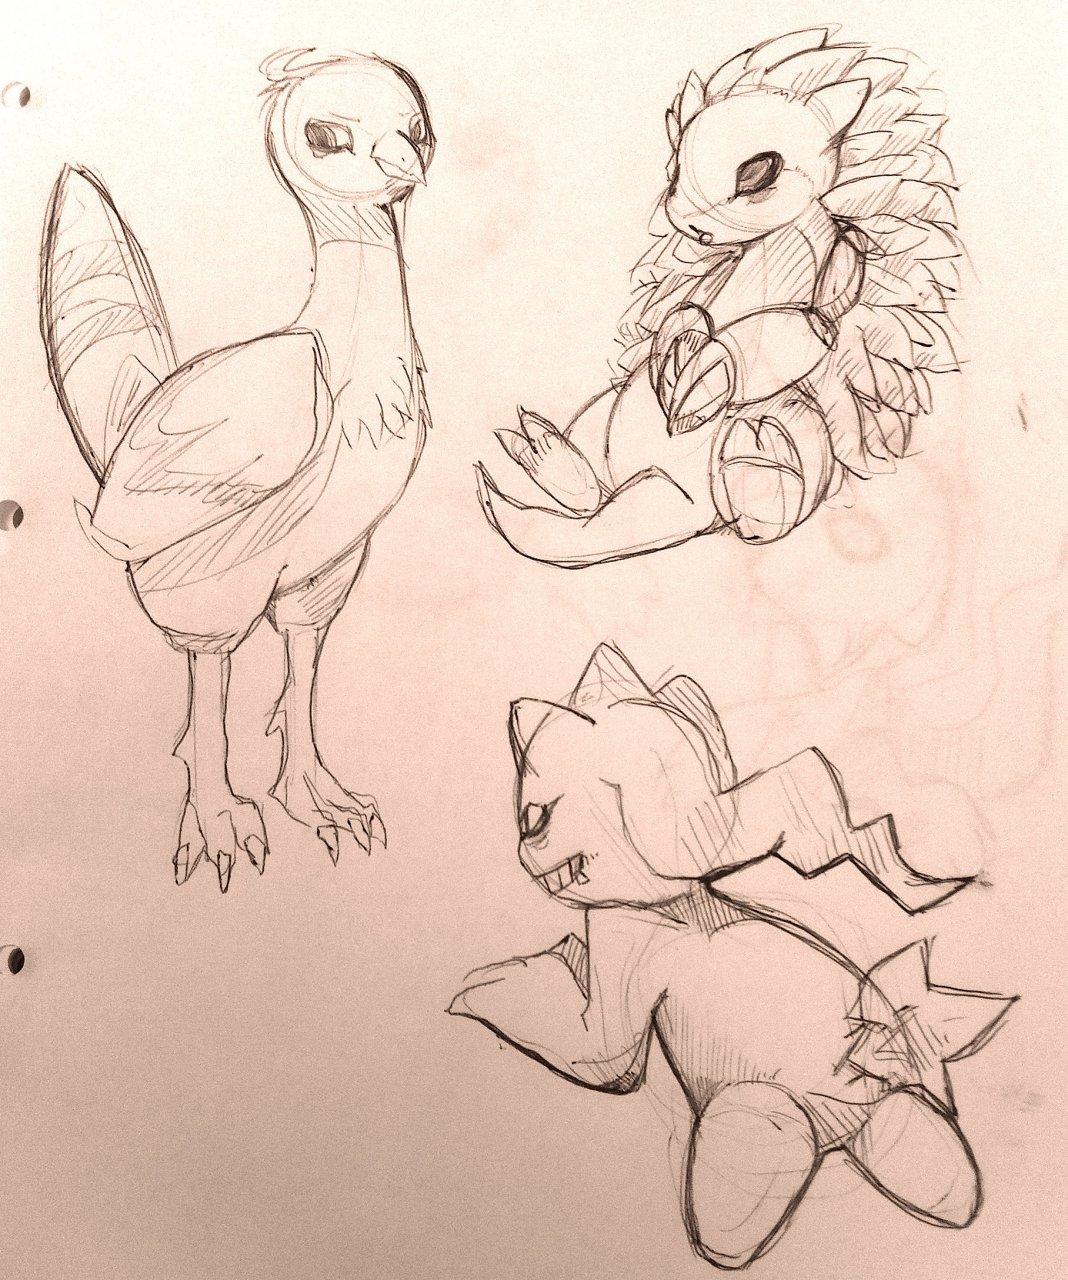 Pokémon-Zeichnung: BW2 Pokemon Team